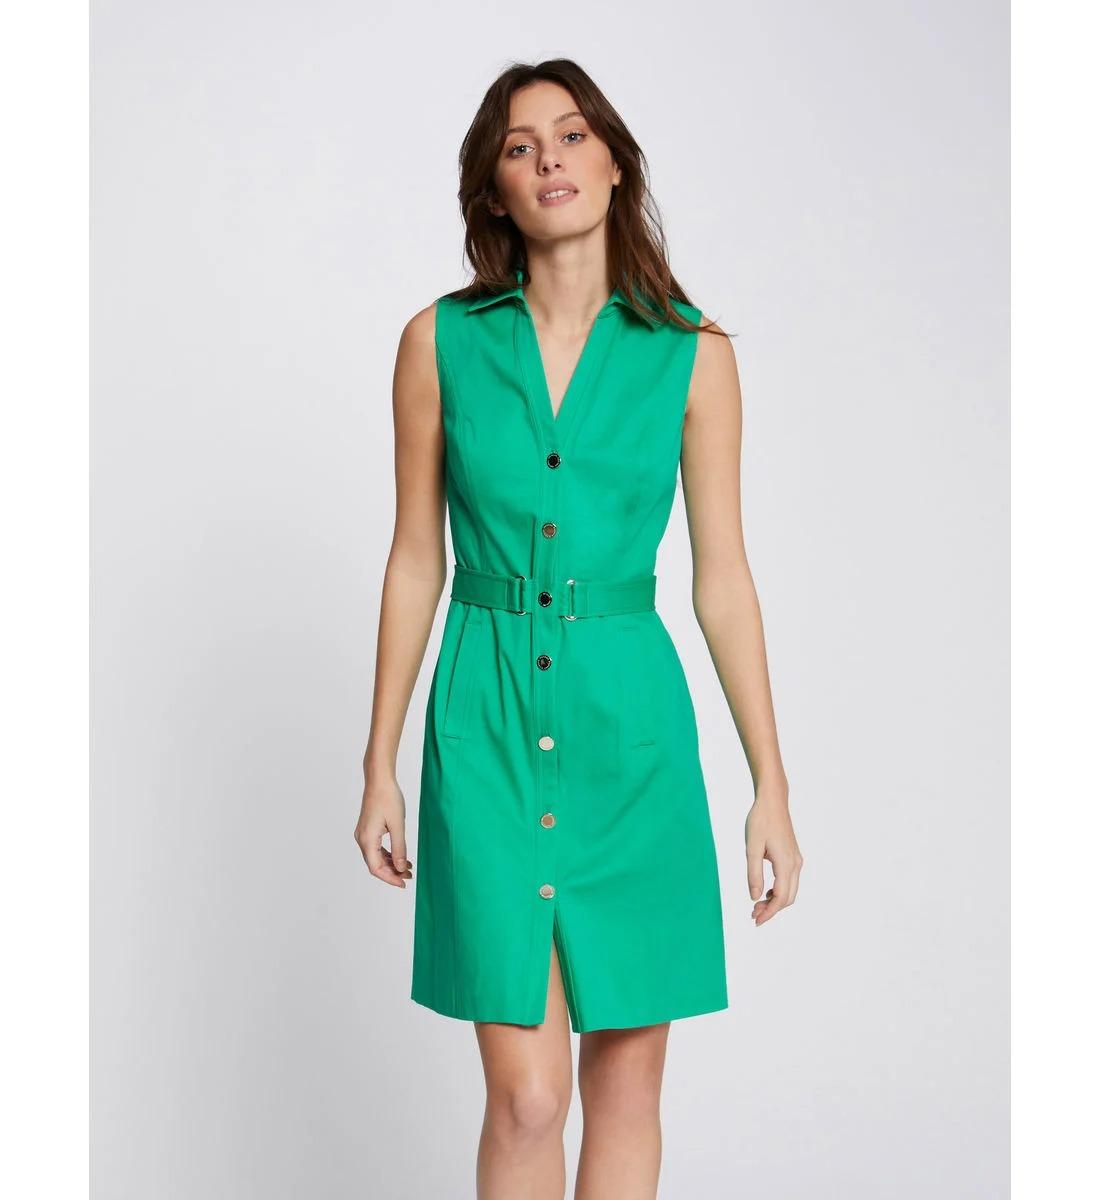 Robe sans manches, boutonnée sur le devant, avec ceinture, poches, et col revers, en 97% coton et 3% elasthane, Morgan, 49€ au lieu de 70€.